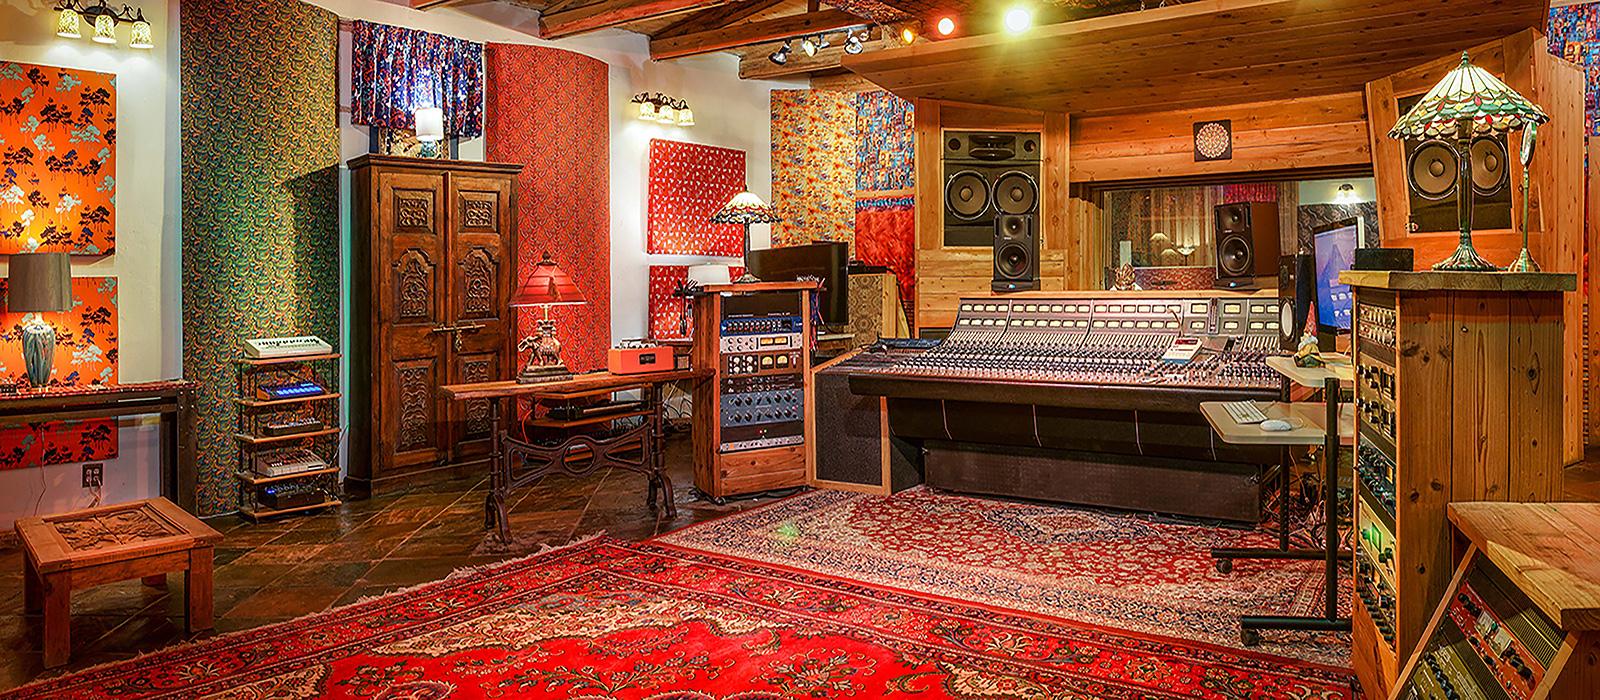 1600x700-studio-adobe-contolroom-right